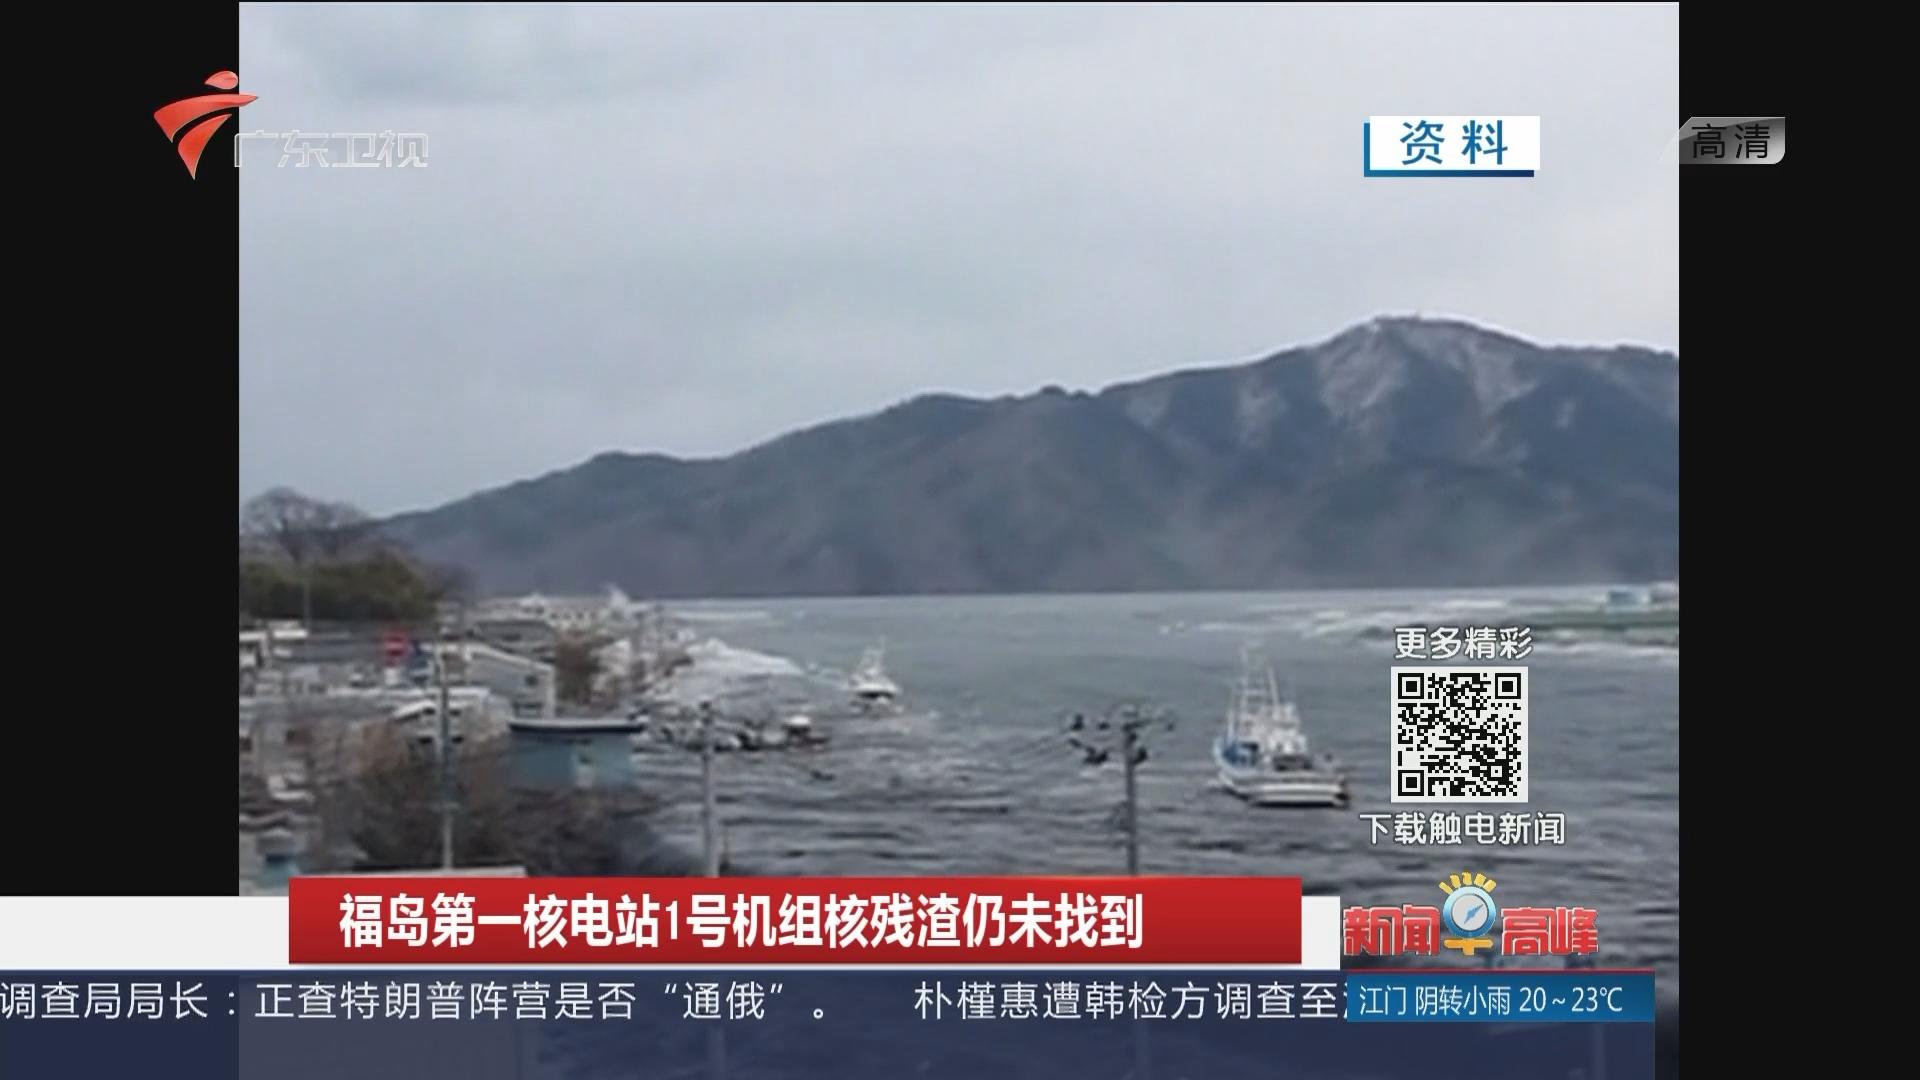 福岛第一核电站1号机组核残渣仍未找到